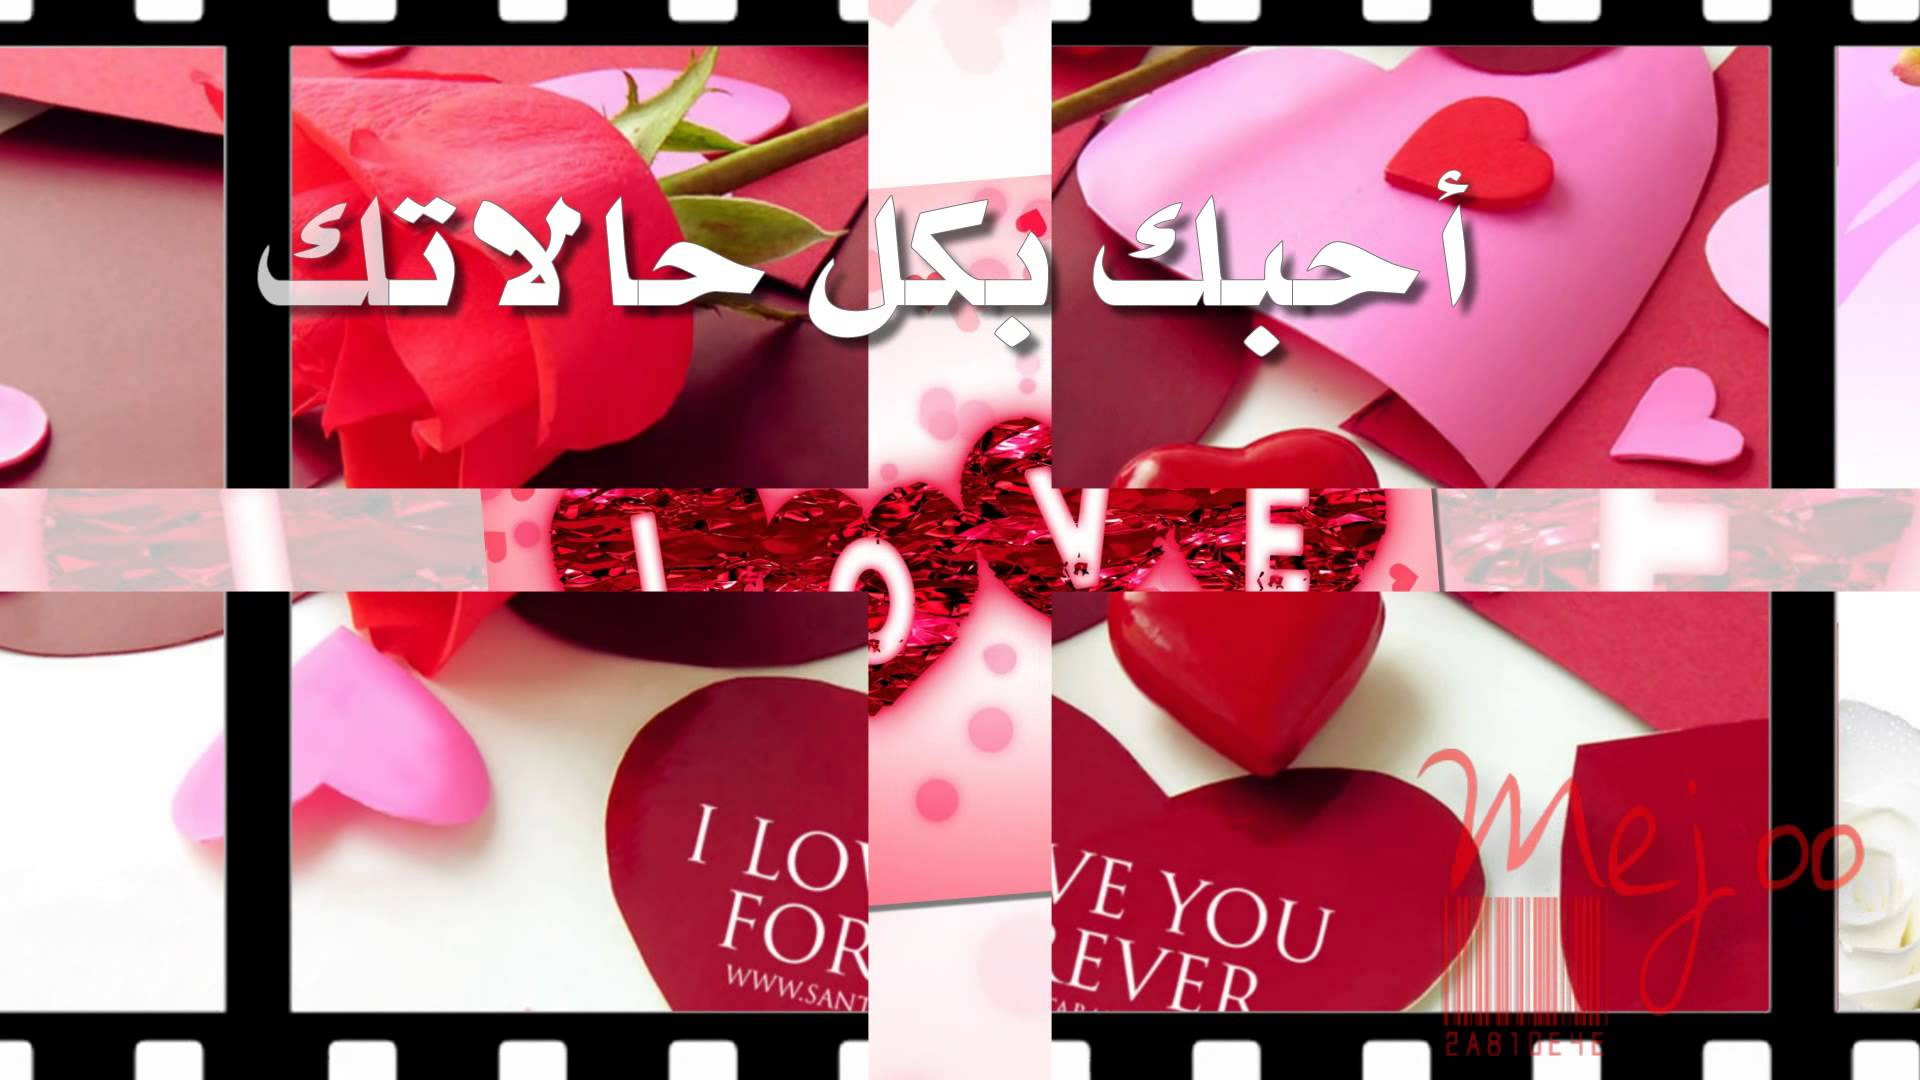 بالصور كلمة احبك , اروع الصور مكتوب عليها كلمات عشق كلمه احبك 925 1